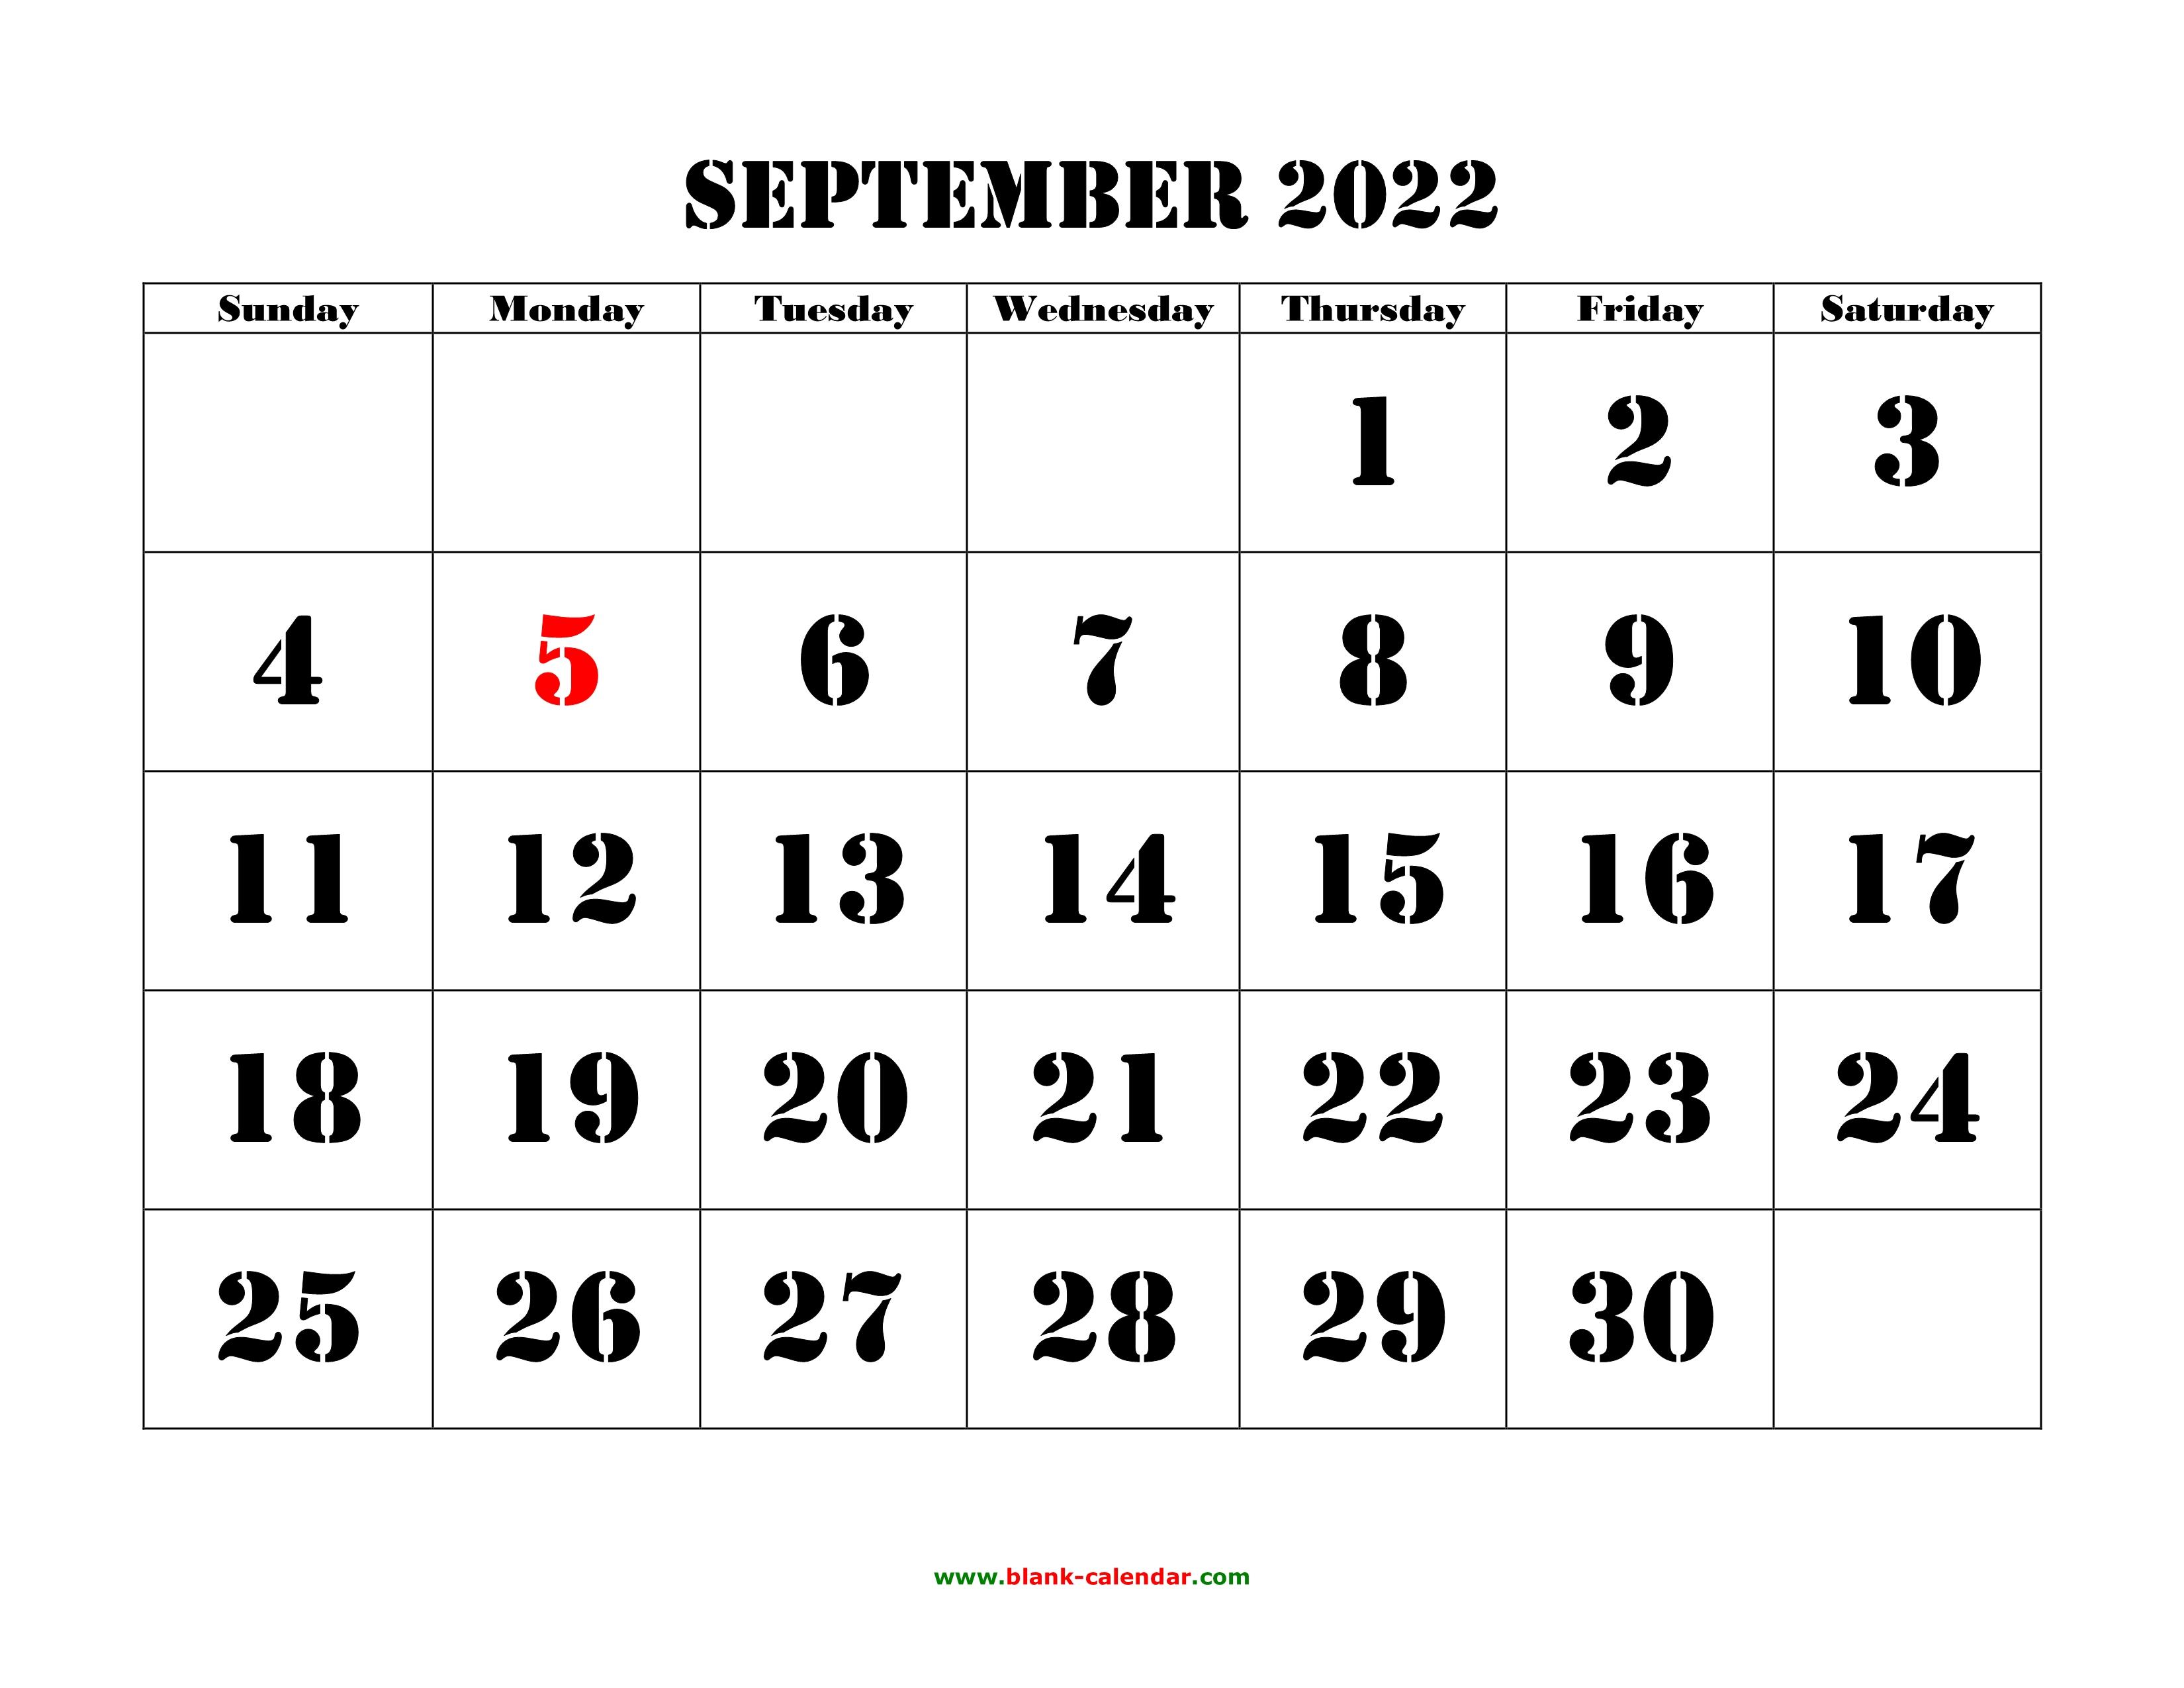 Printable Calendar 2022 September.September 2022 Printable Calendar Free Download Monthly Calendar Templates